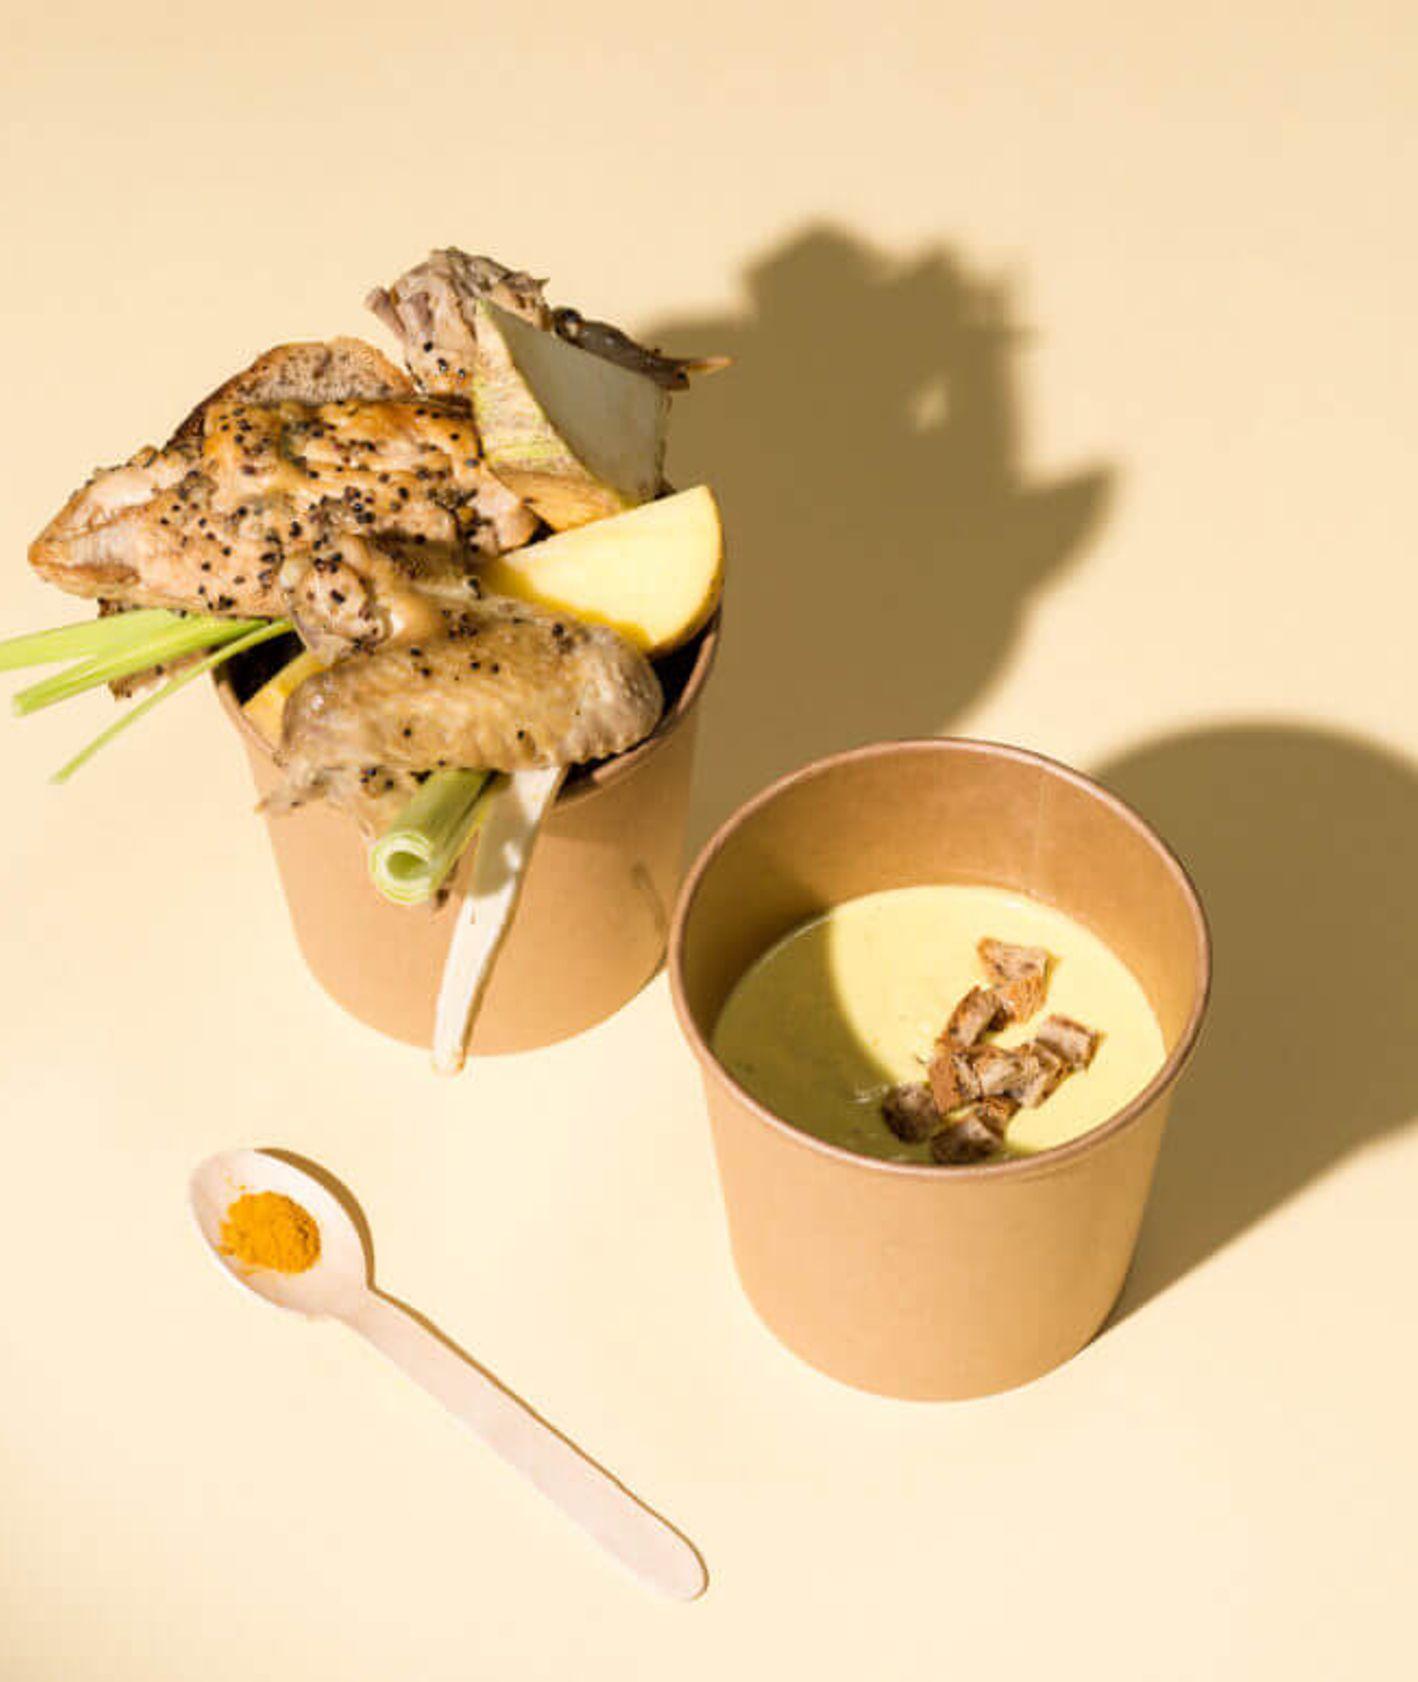 zupa krem z kurczakiem i śmietanką, zupa krem z grzankami, co do zupy, rozgrzewająca zupa krem, krem z warzyw, szybki obiad, danie jednogarnkowe, zdrowy obiad, obiad dla dziecka